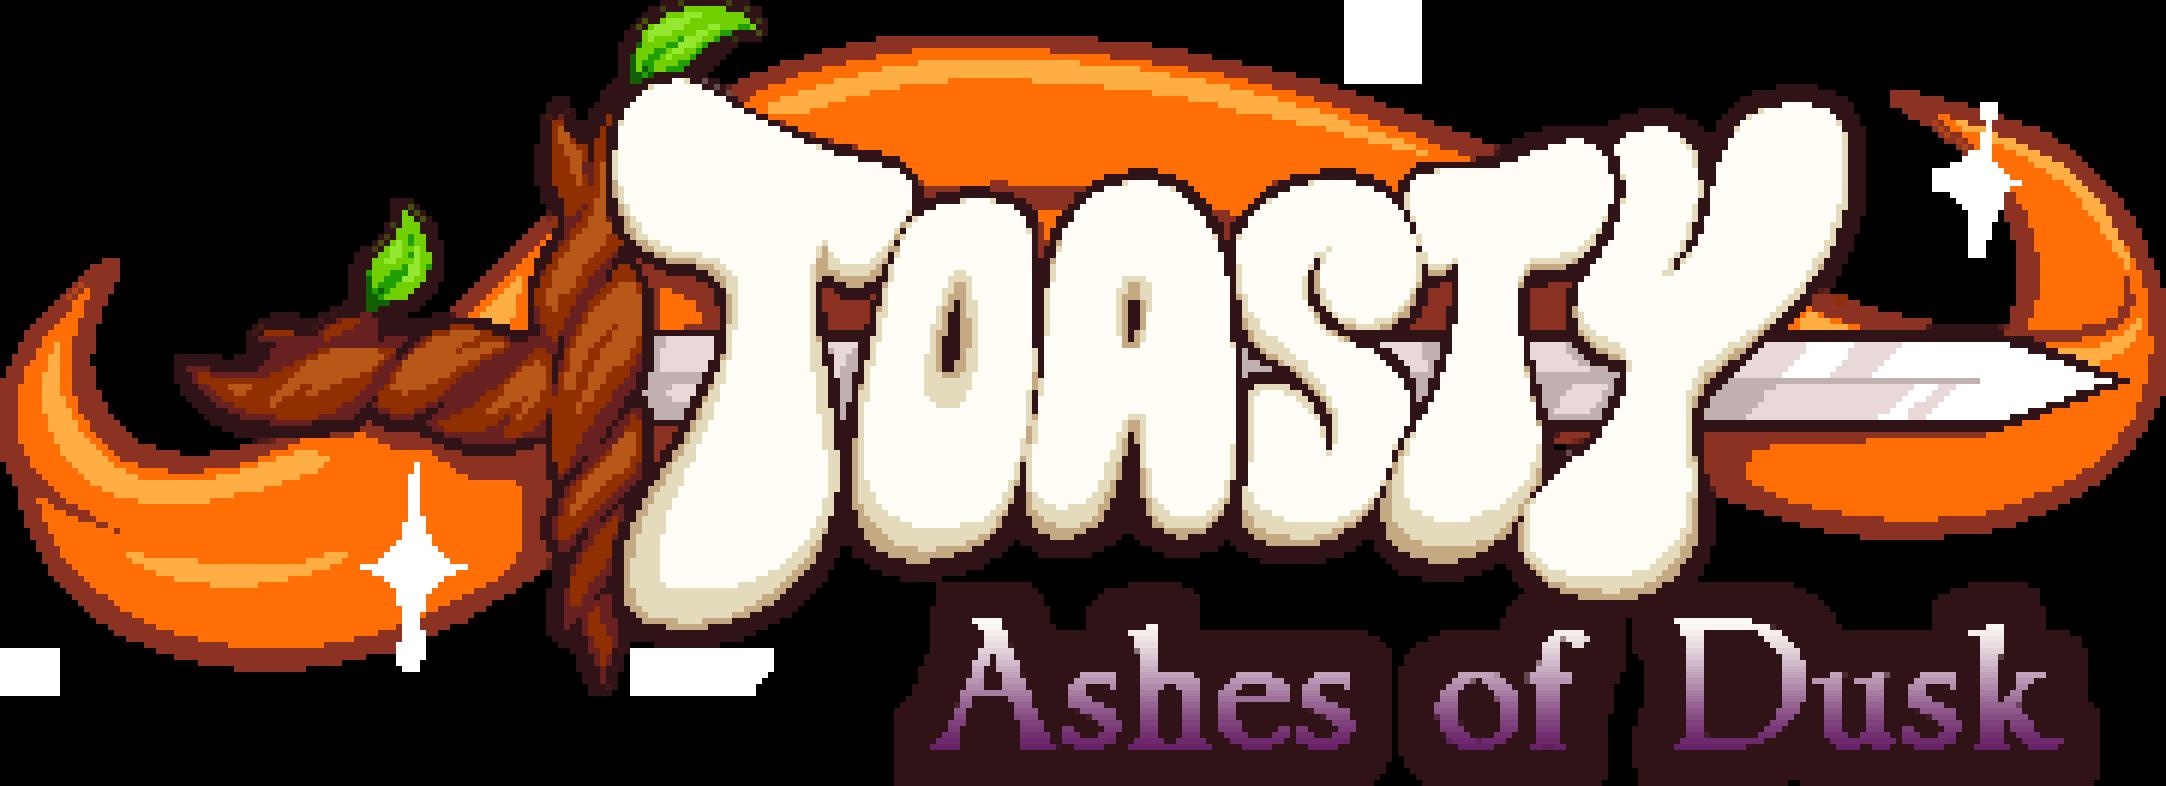 Toasty: Ashes of Dusk